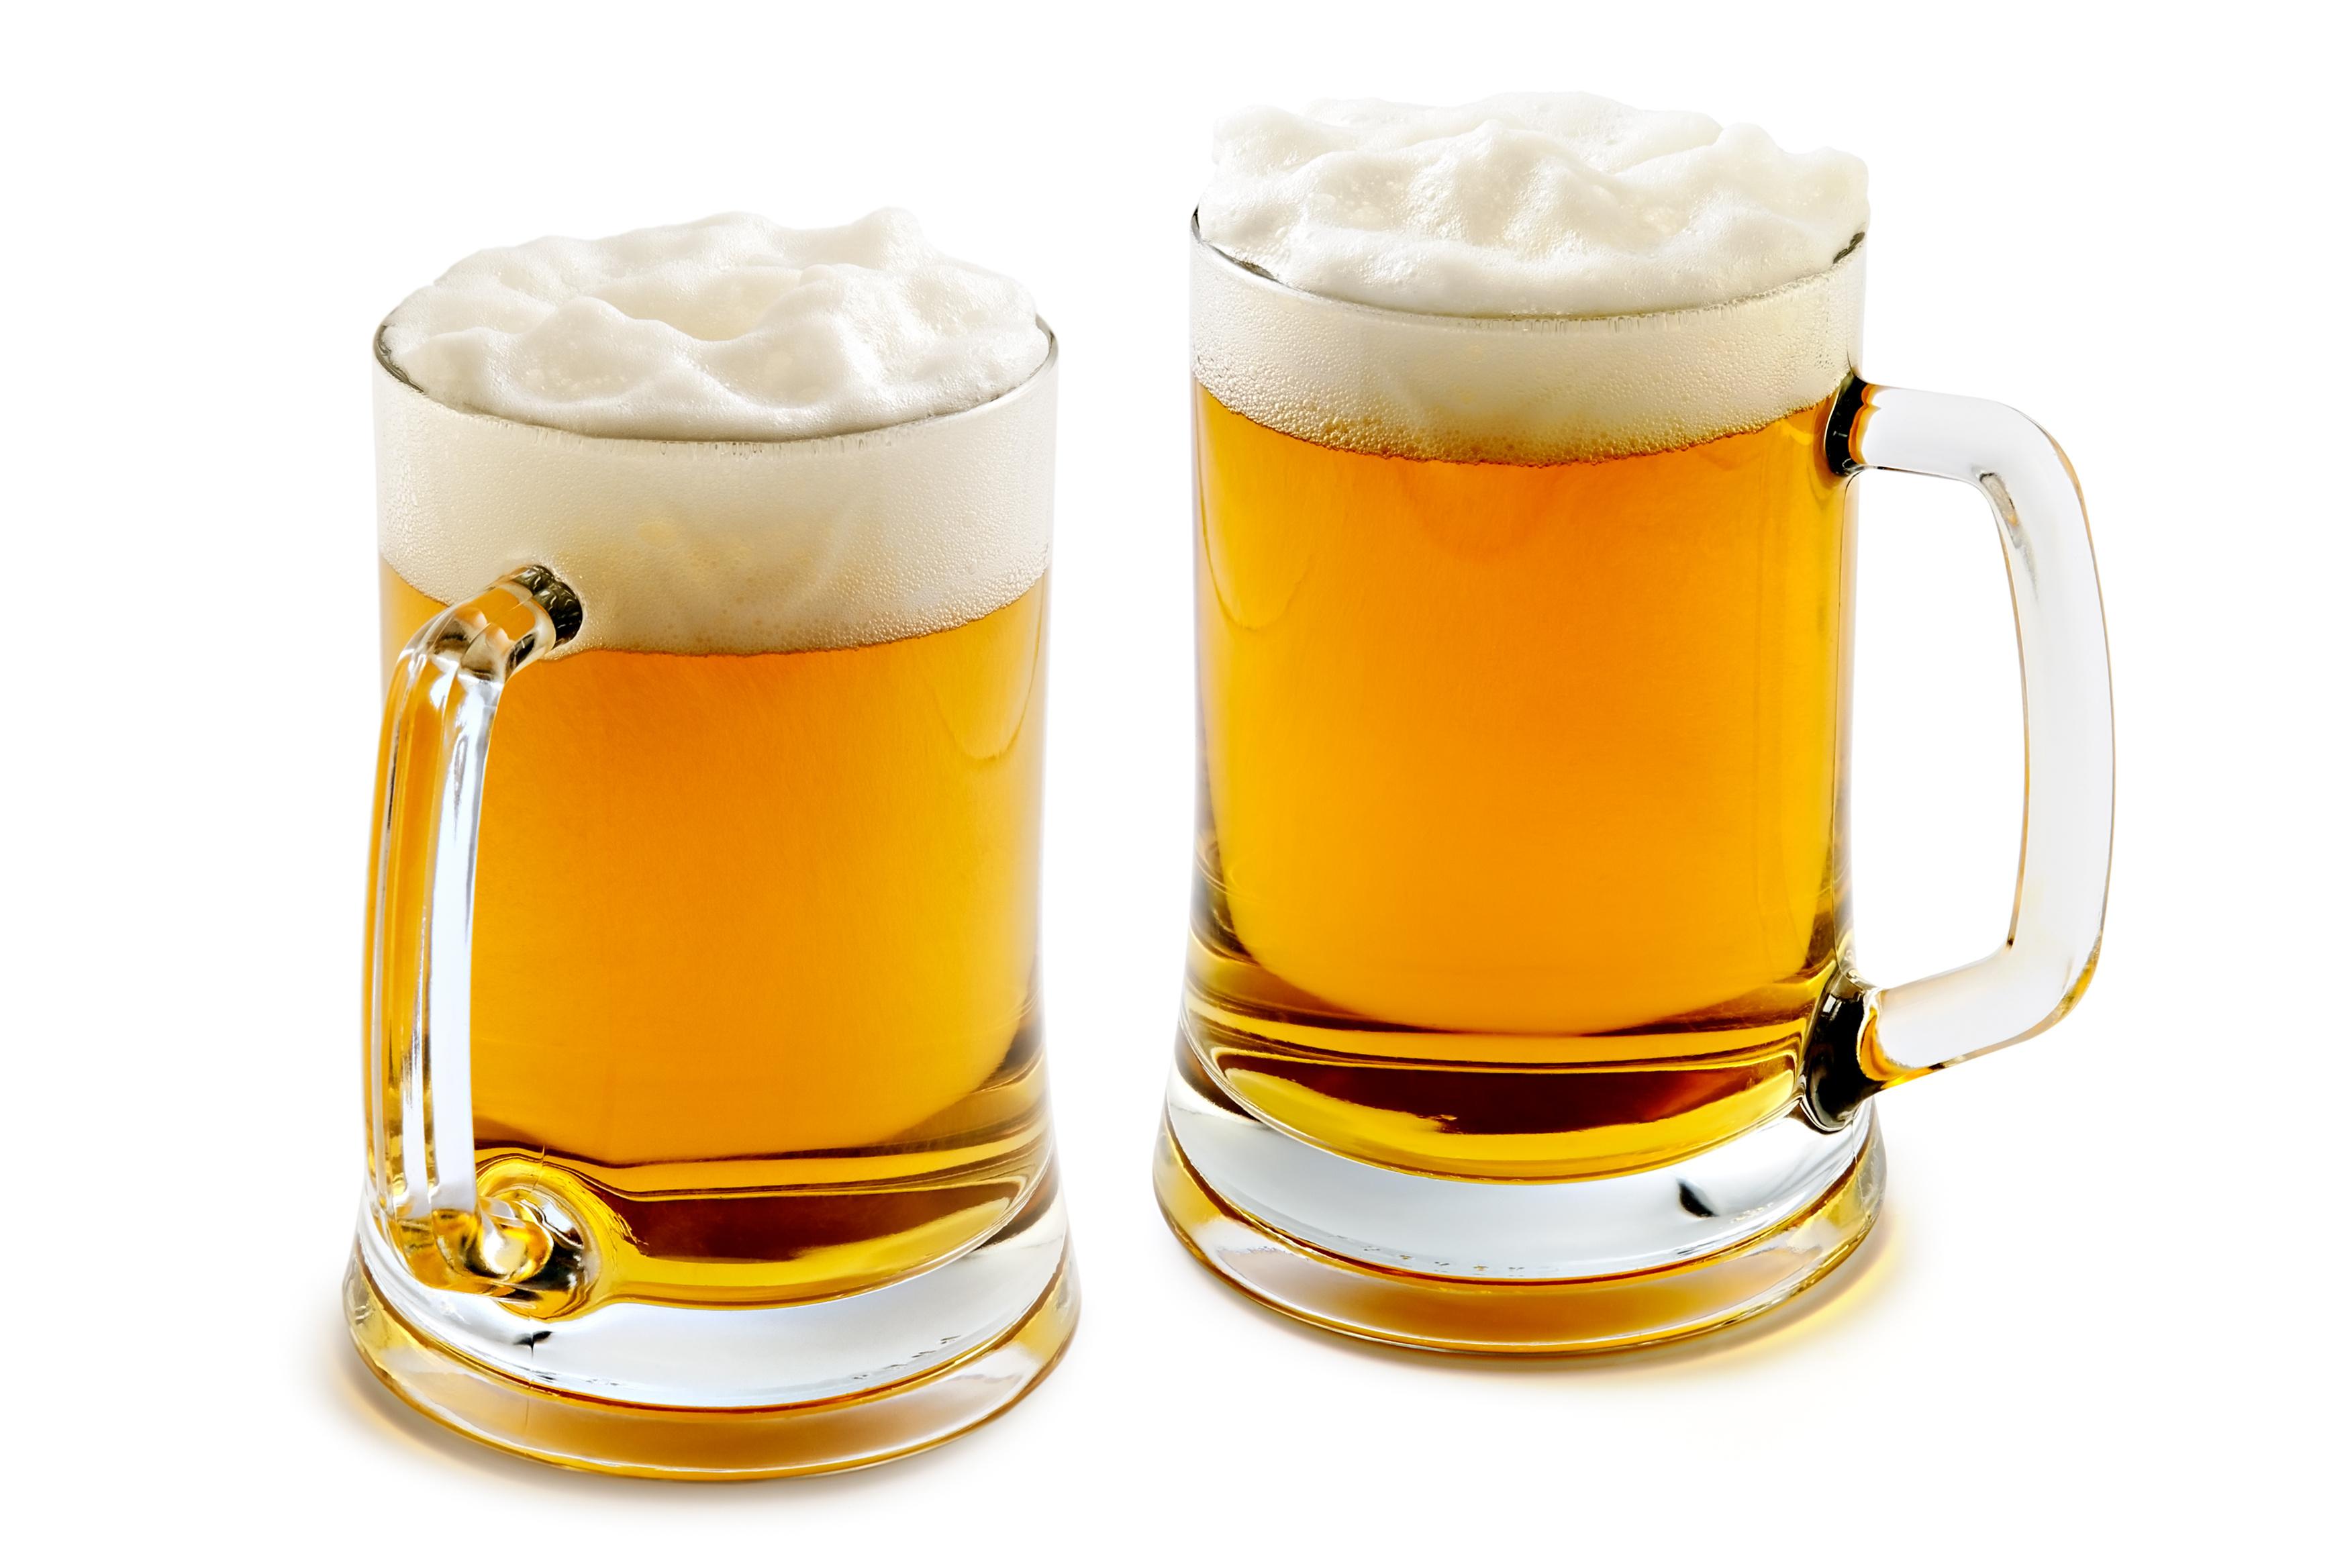 пиво в кружках, фото, обои на рабочий стол, фото, скачать